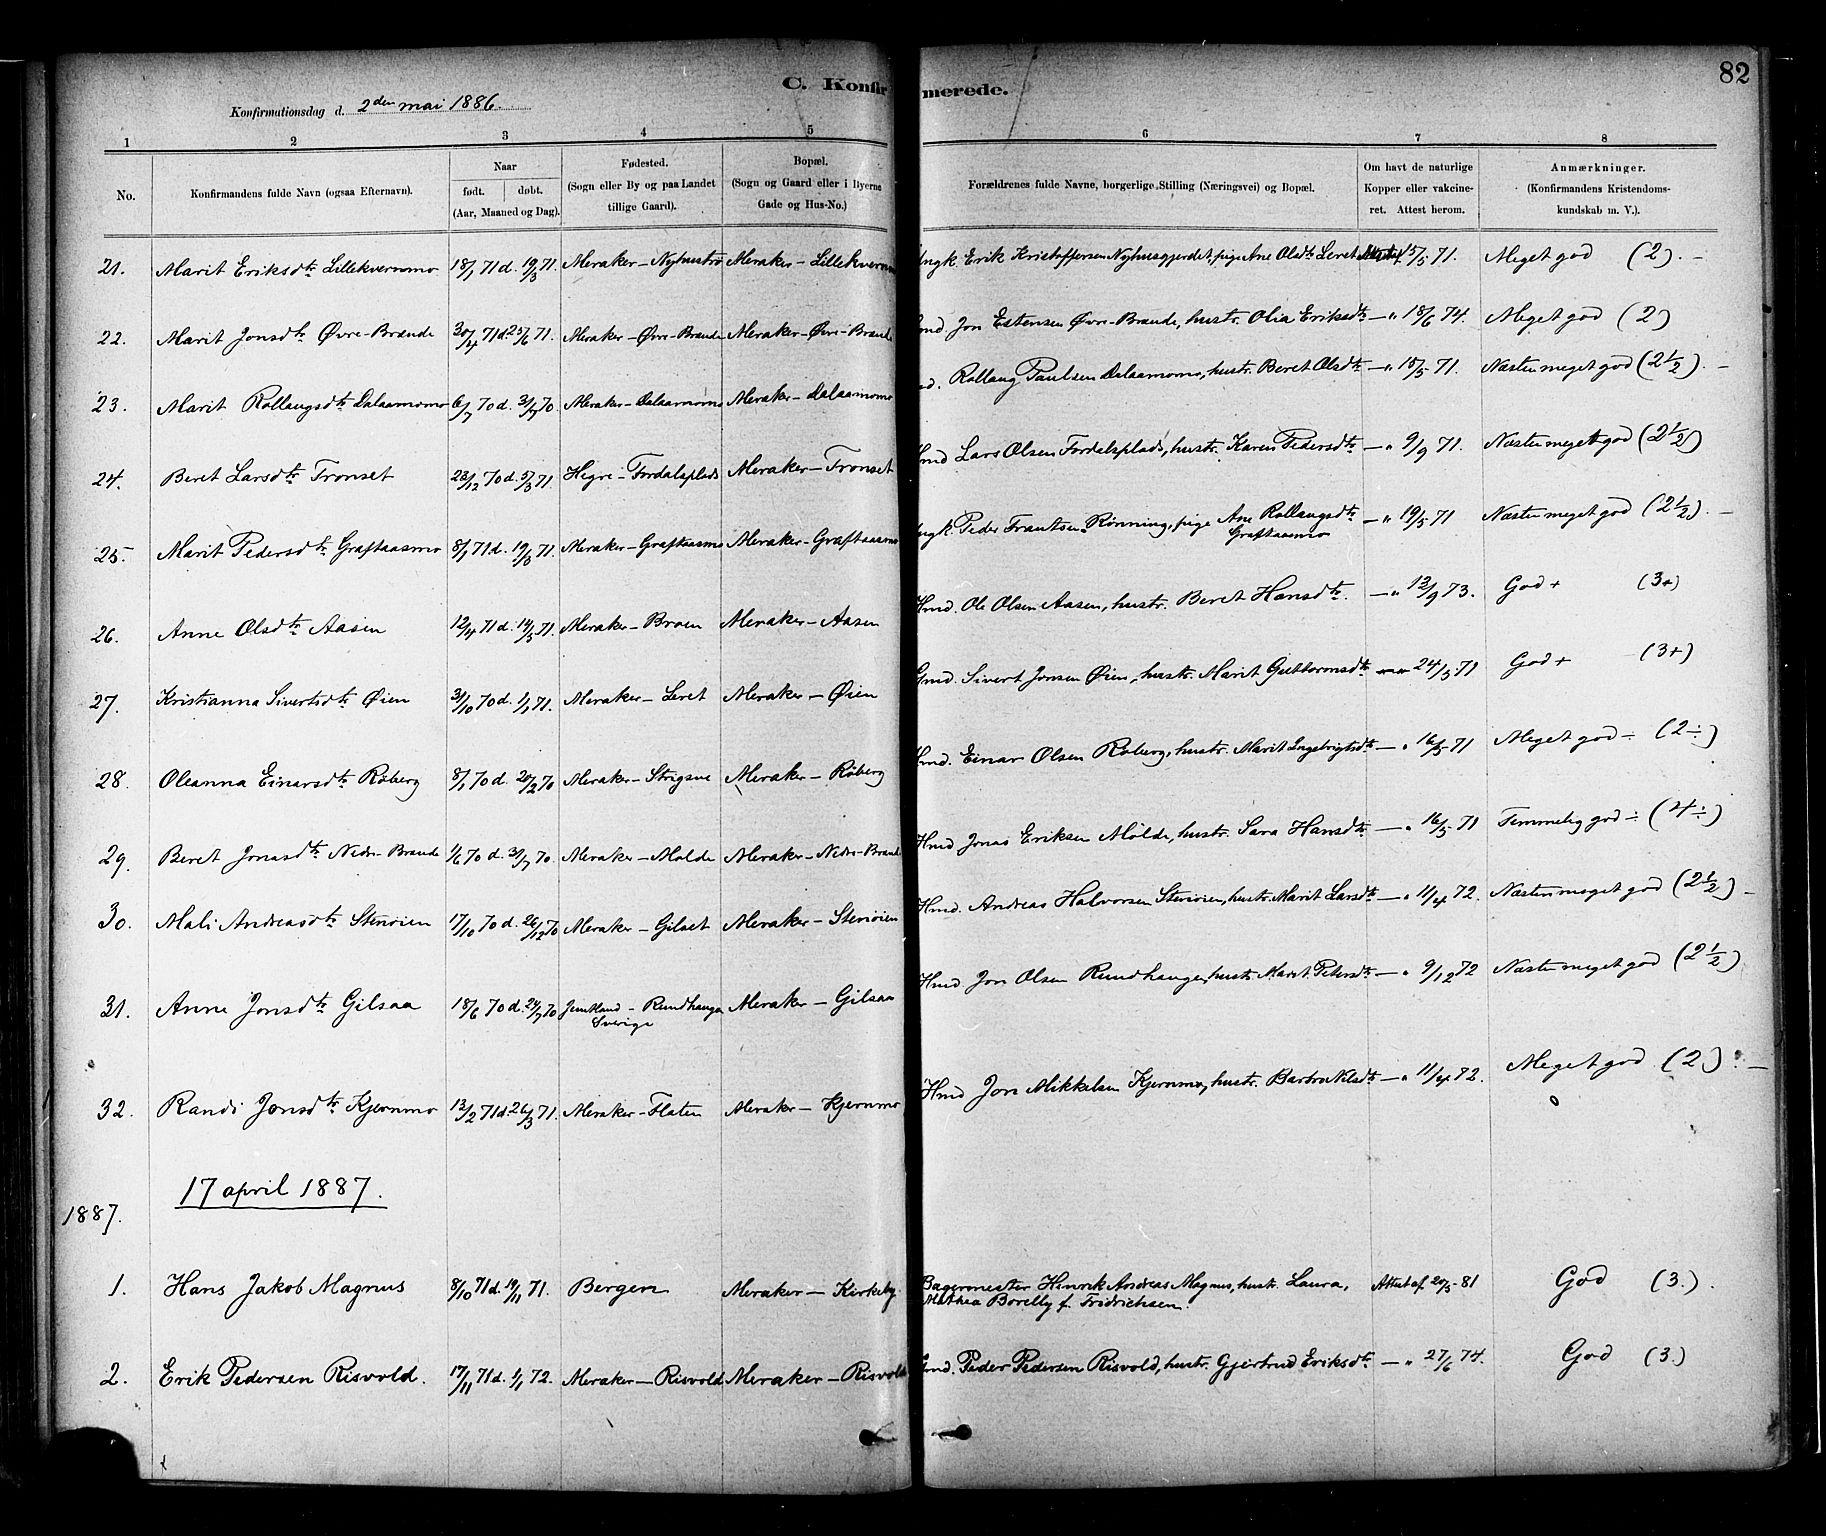 SAT, Ministerialprotokoller, klokkerbøker og fødselsregistre - Nord-Trøndelag, 706/L0047: Ministerialbok nr. 706A03, 1878-1892, s. 82